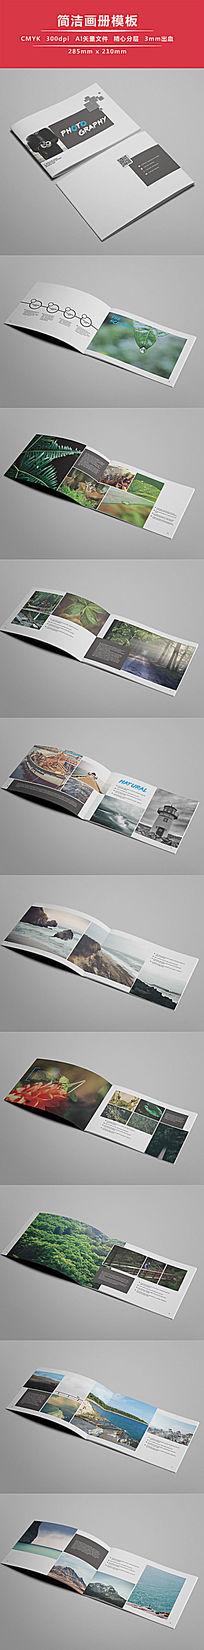 风景类画册版式设计